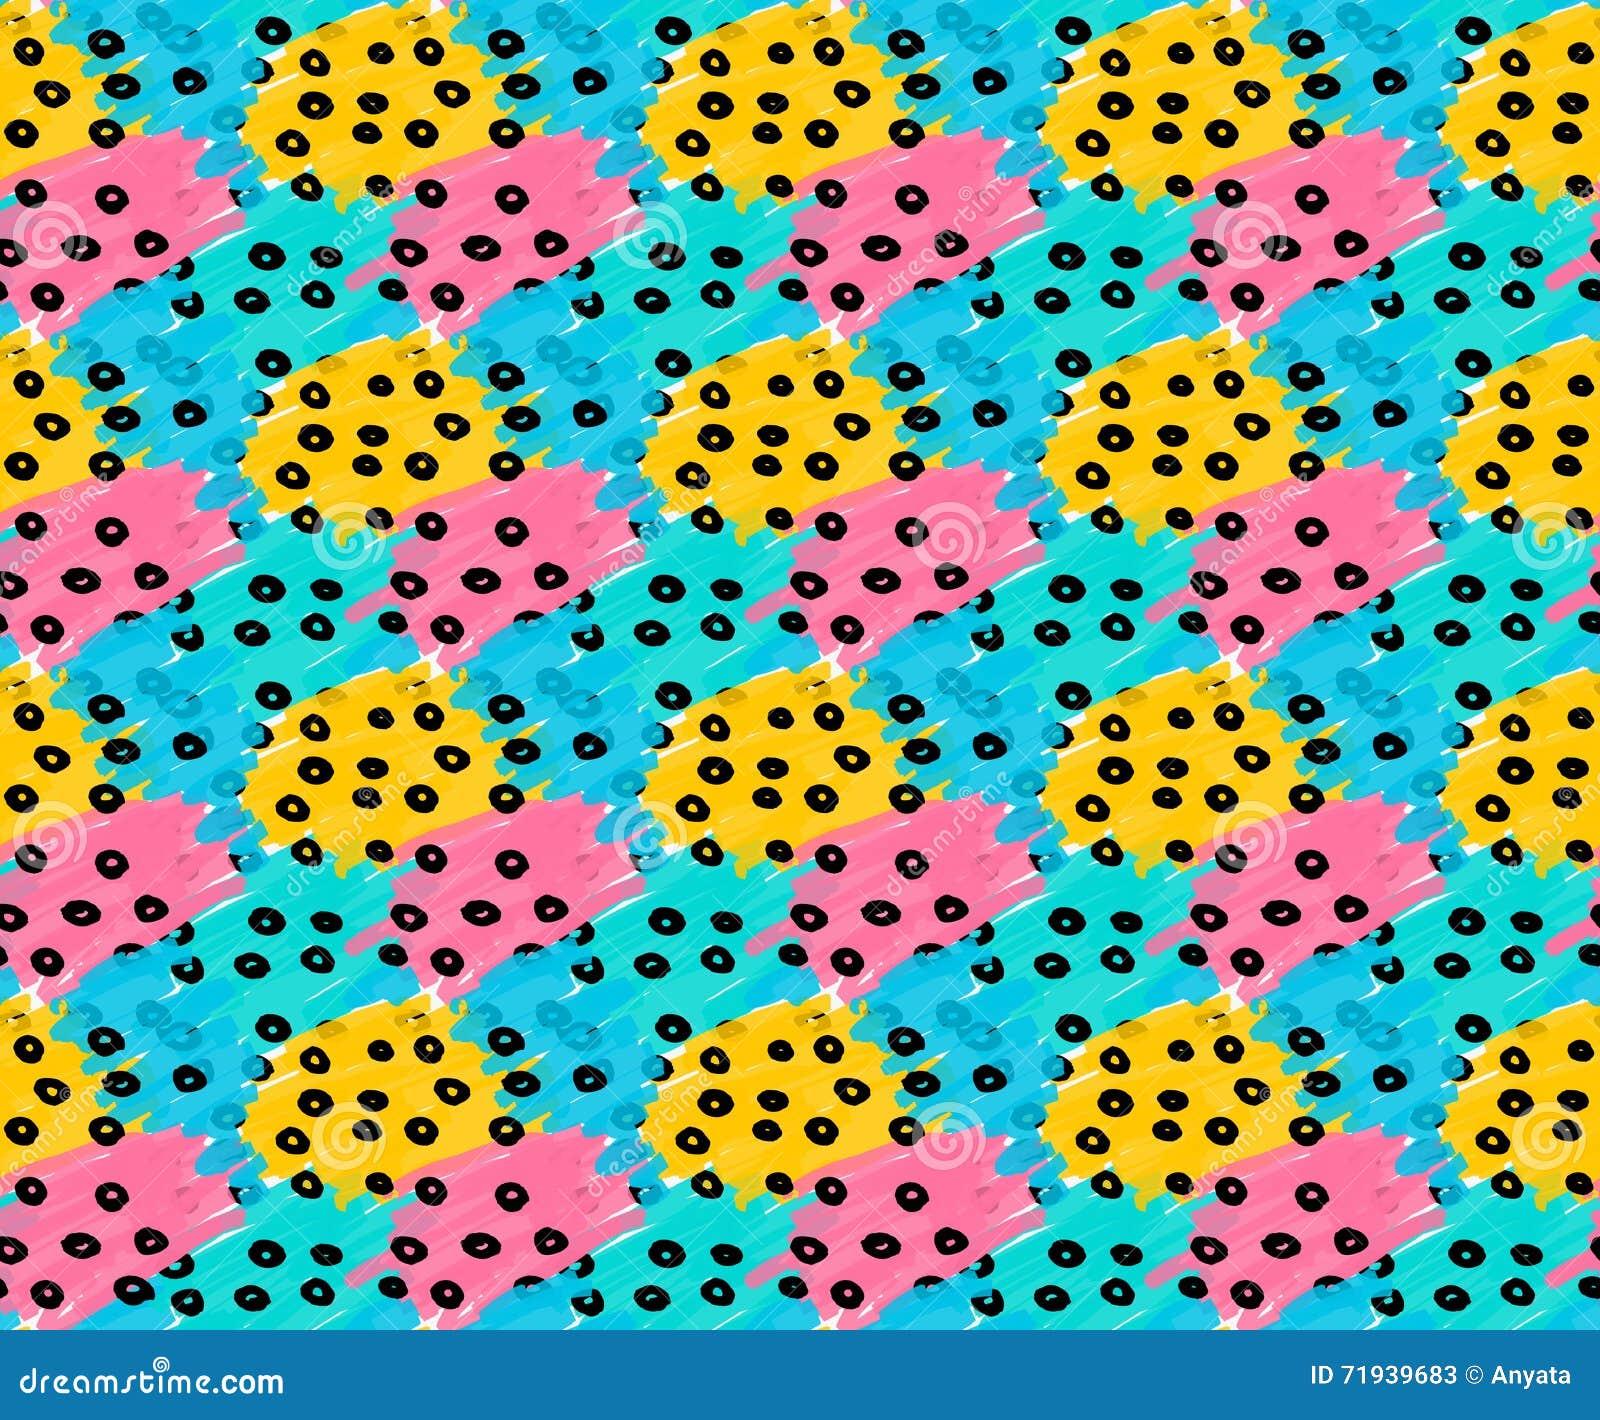 Заплаты нарисованные отметкой голубые розовые желтые с черными точками